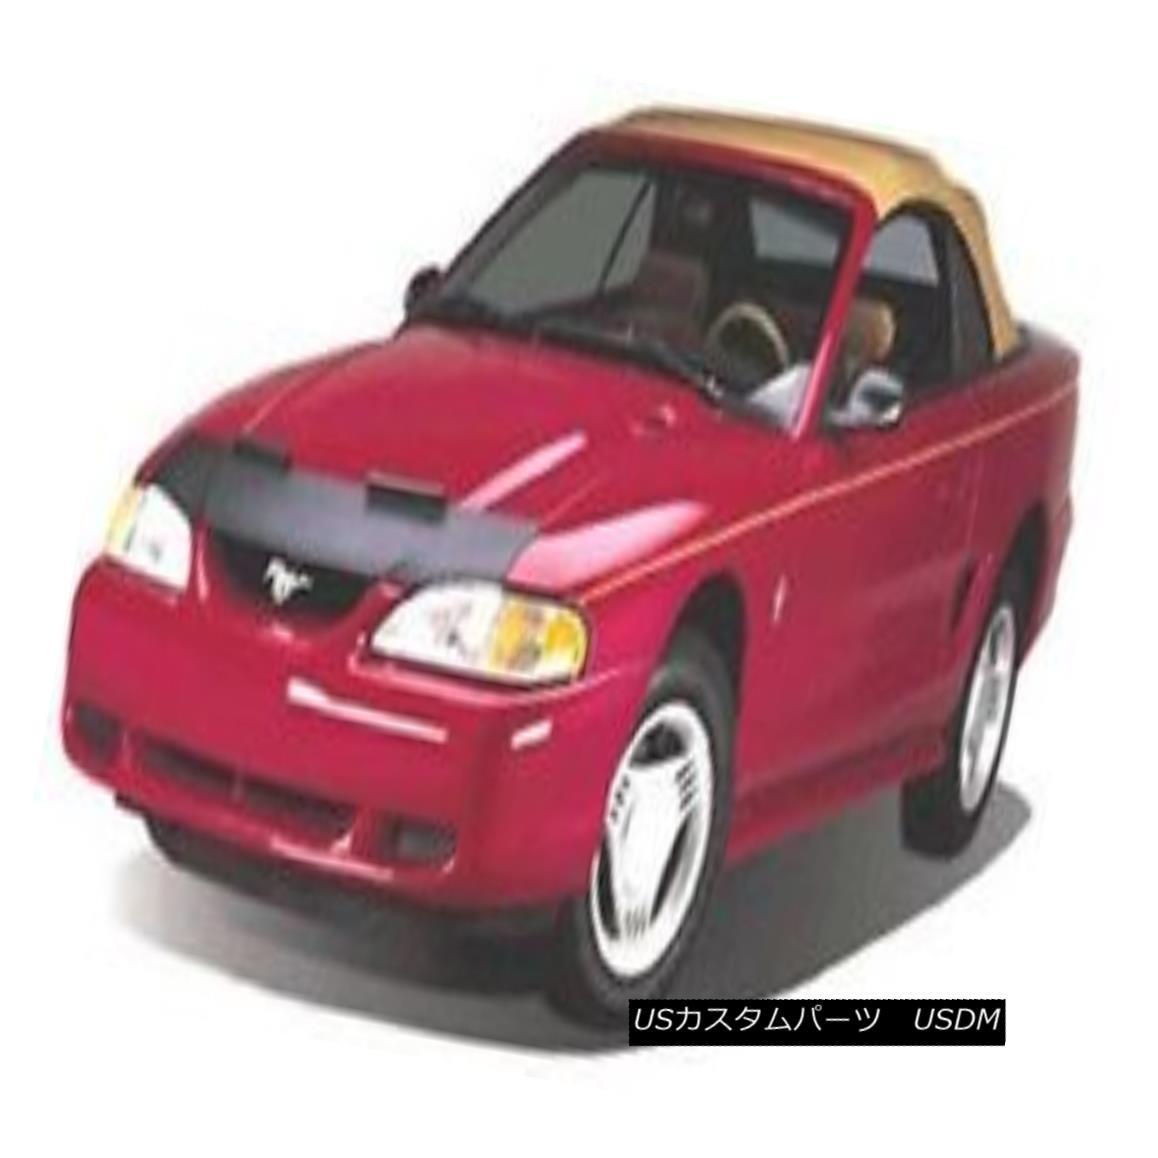 フルブラ ノーズブラ Mini Mask Bra Hood cover Fits Nissan Maxima 1995-1999 ミニマスクブラジャーフードカバーフィット日産マキシマ1995-1999